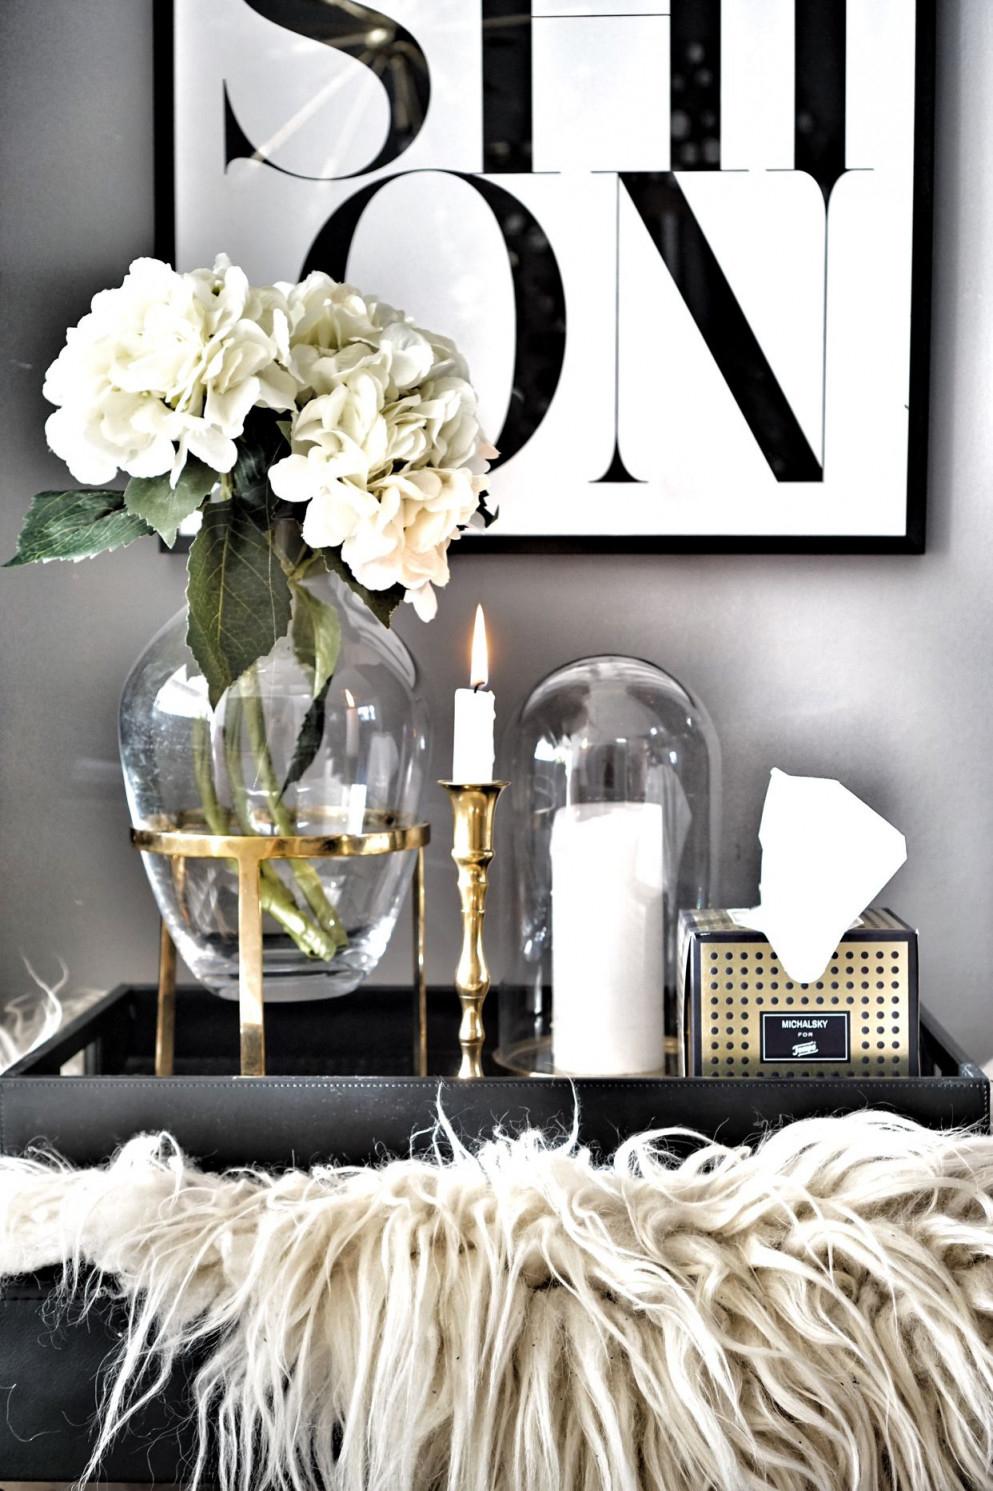 Wohnzimmer Details Tablett Vase(Werbung)  Wohnzimmer von Deko Weiss Wohnzimmer Bild